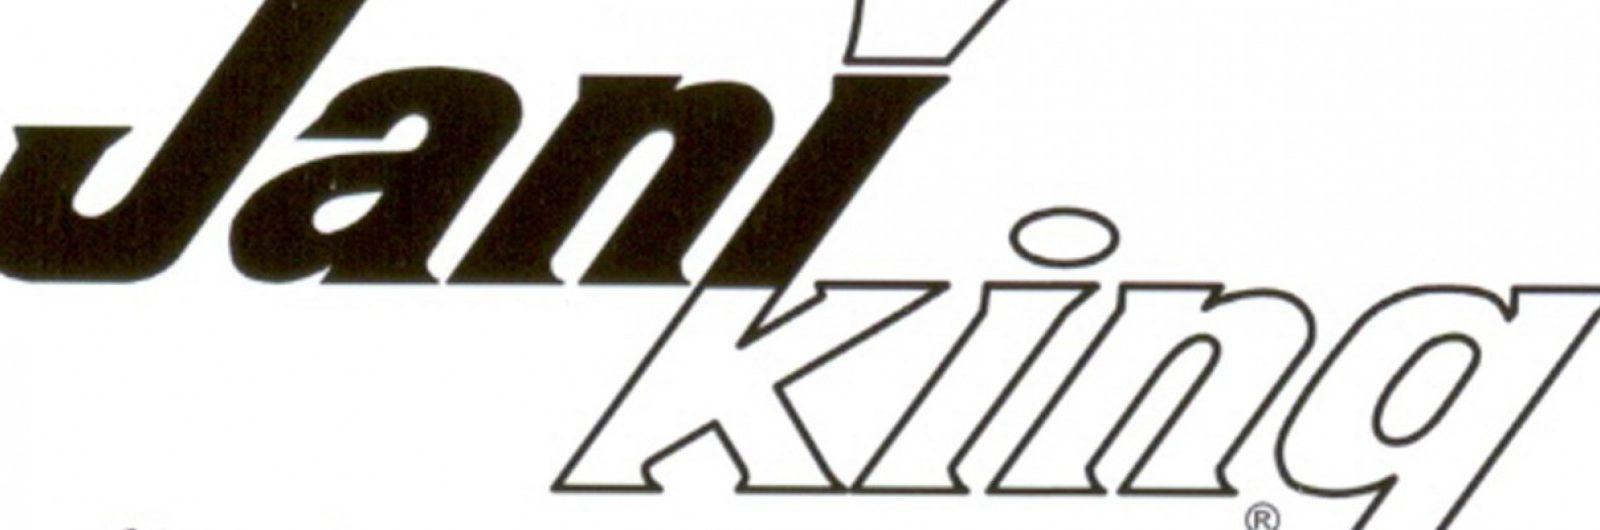 Jani-King abre duas novas unidades